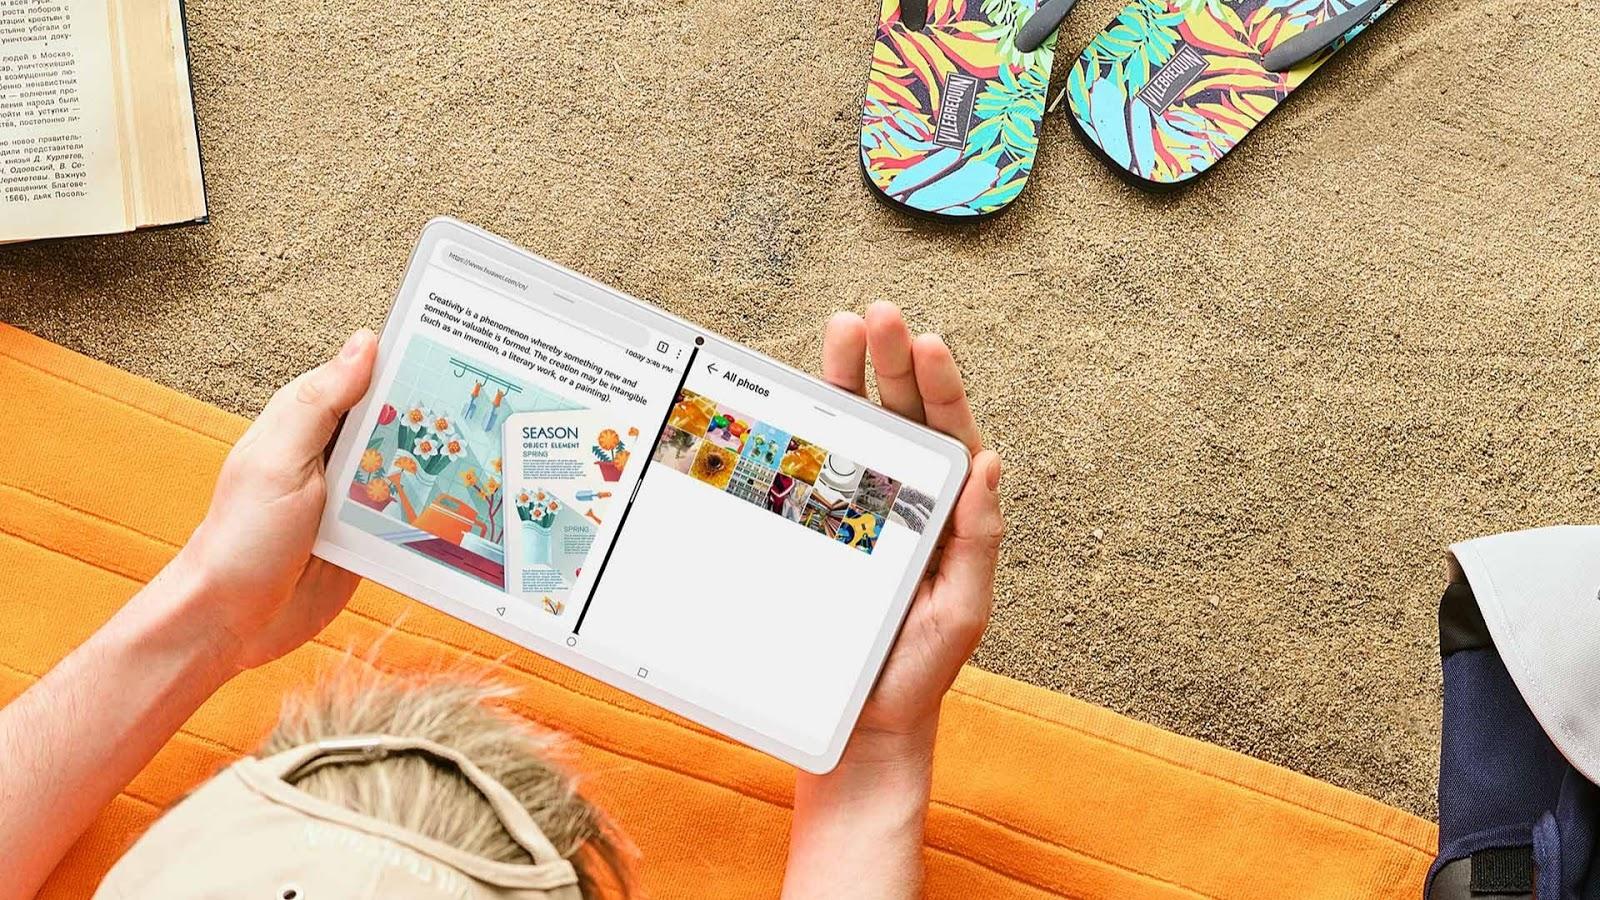 Huawei ส่งโปรโมชัน HUAWEI MatePad Month ต้อนรับซัมเมอร์มอบของสมนาคุณสุดพรีเมี่ยมเพื่อคนรักแท็บเล็ต ตั้งแต่วันนี้จนถึงวันที่ 25 เมษายนนี้เท่านั้น